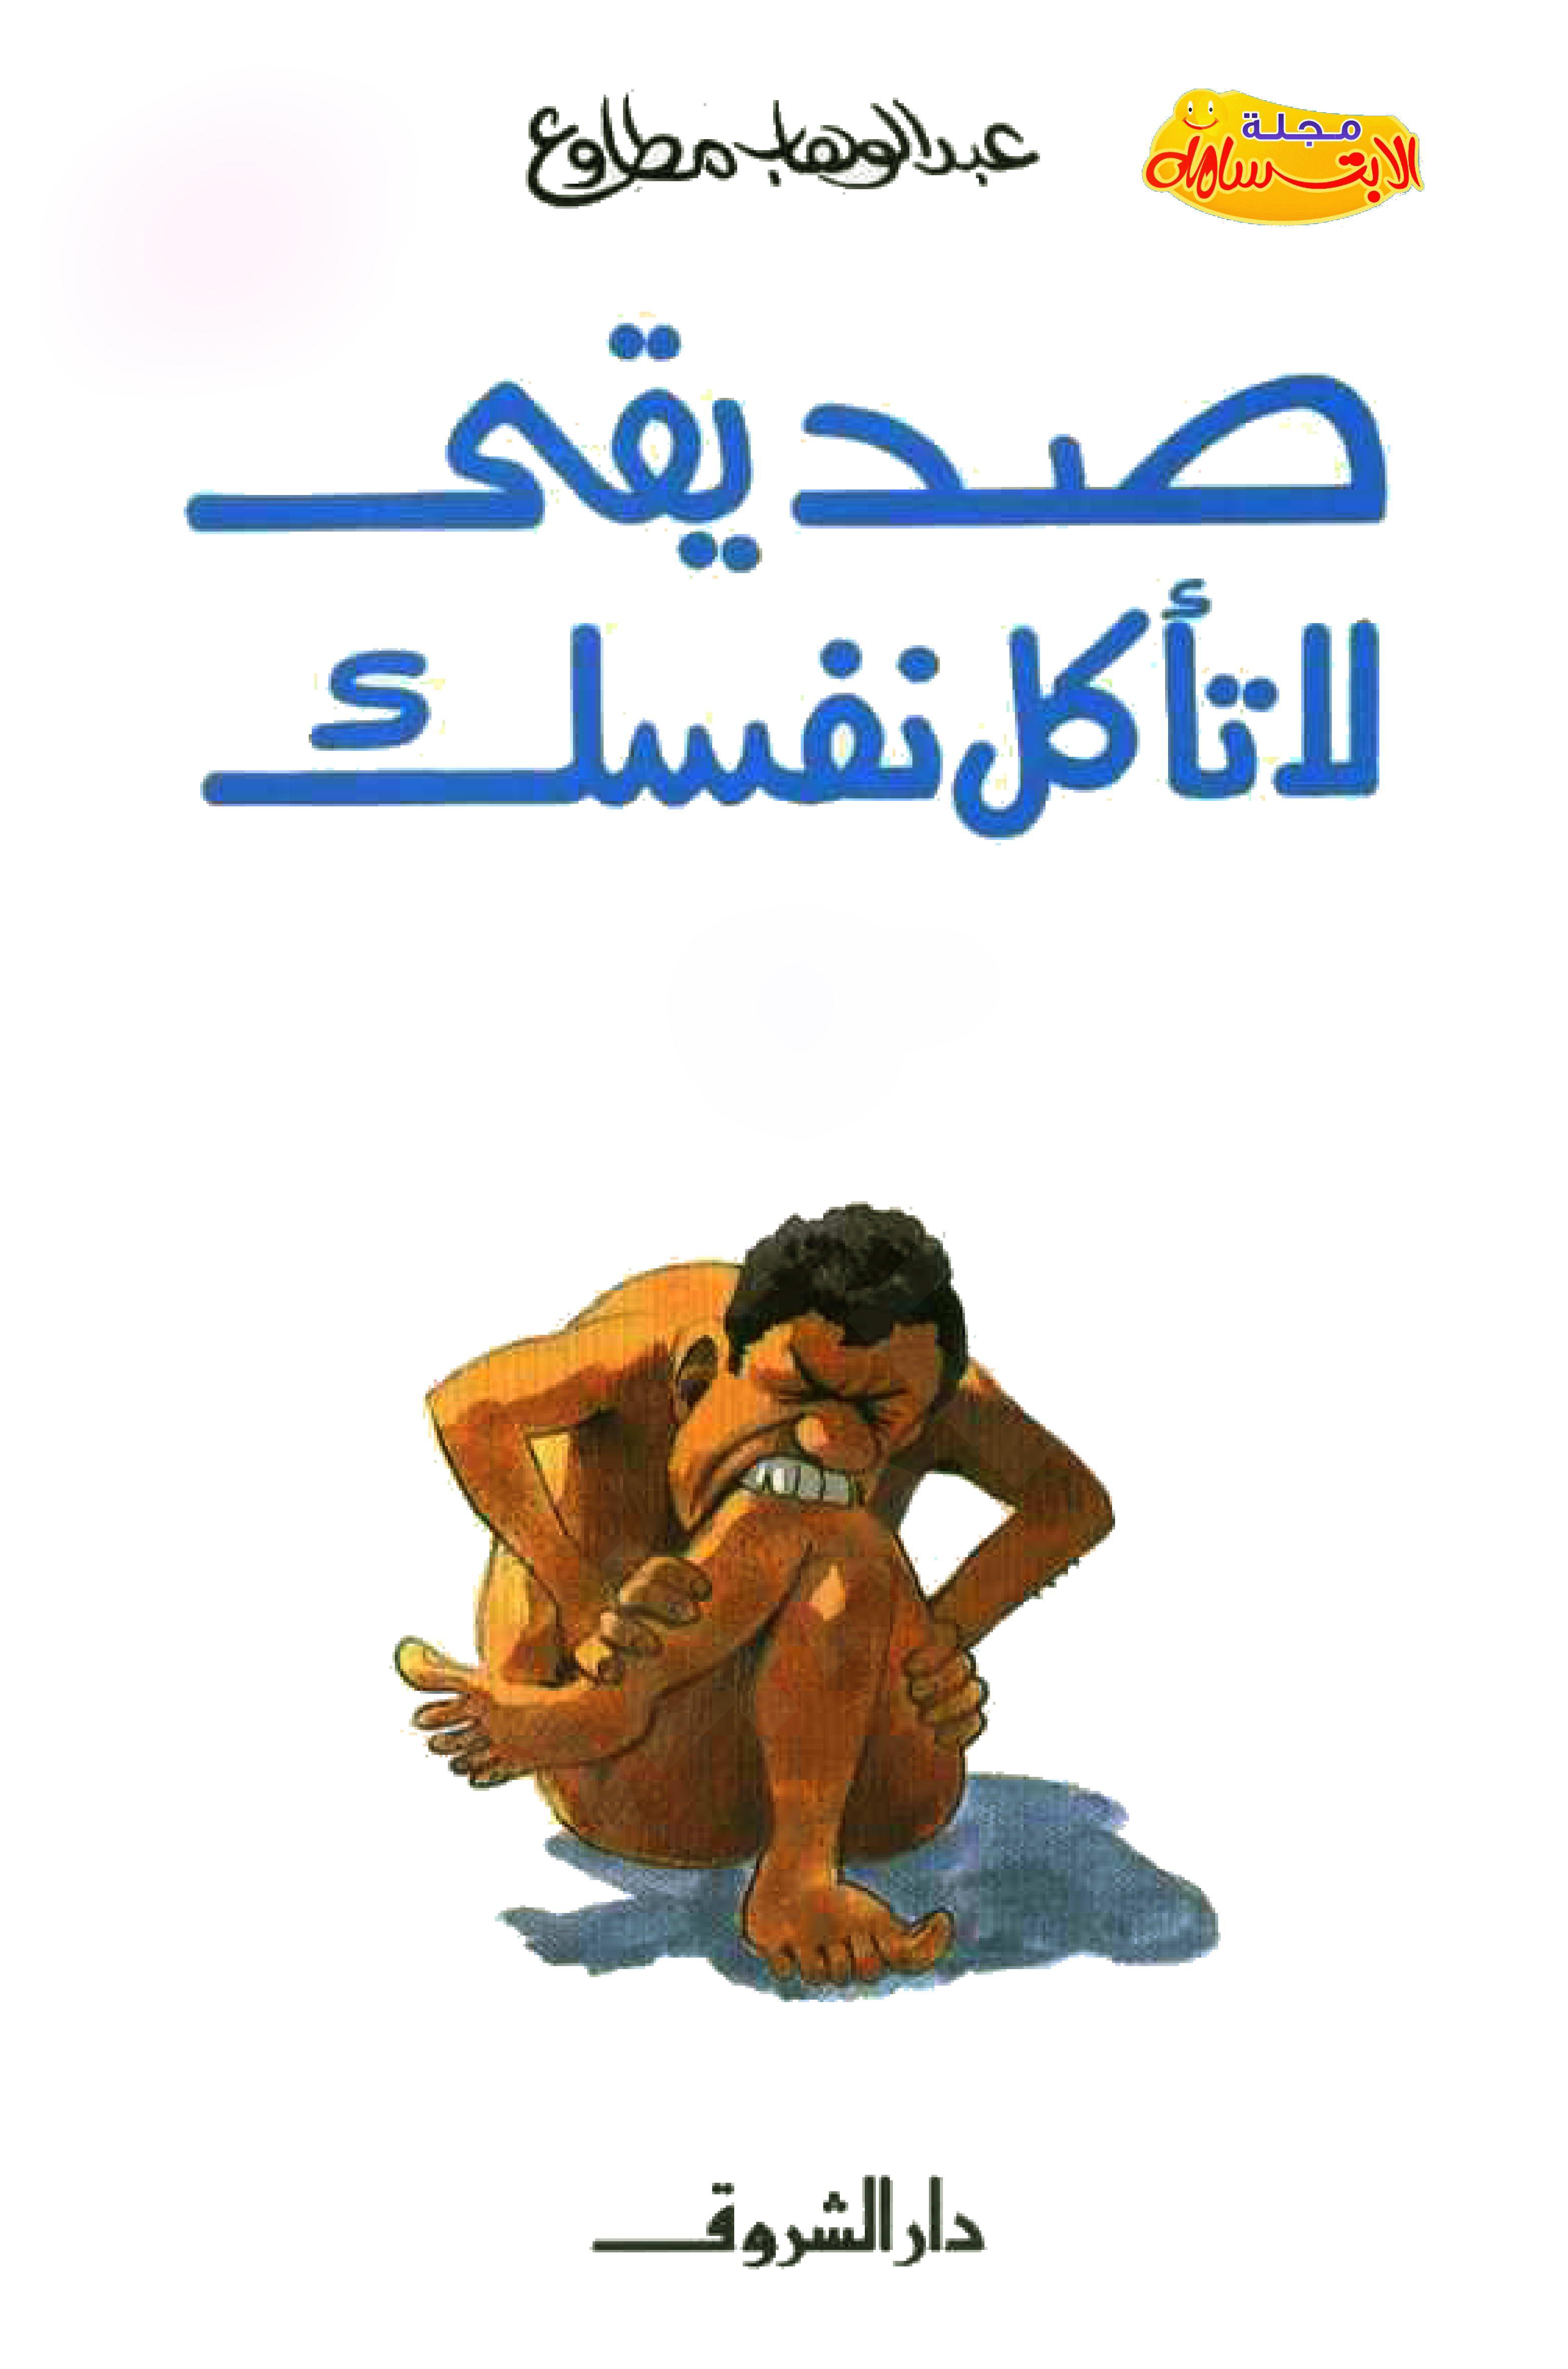 صورة كتاب صديقي لا تأكل نفسك – عبد الوهاب مطاوع